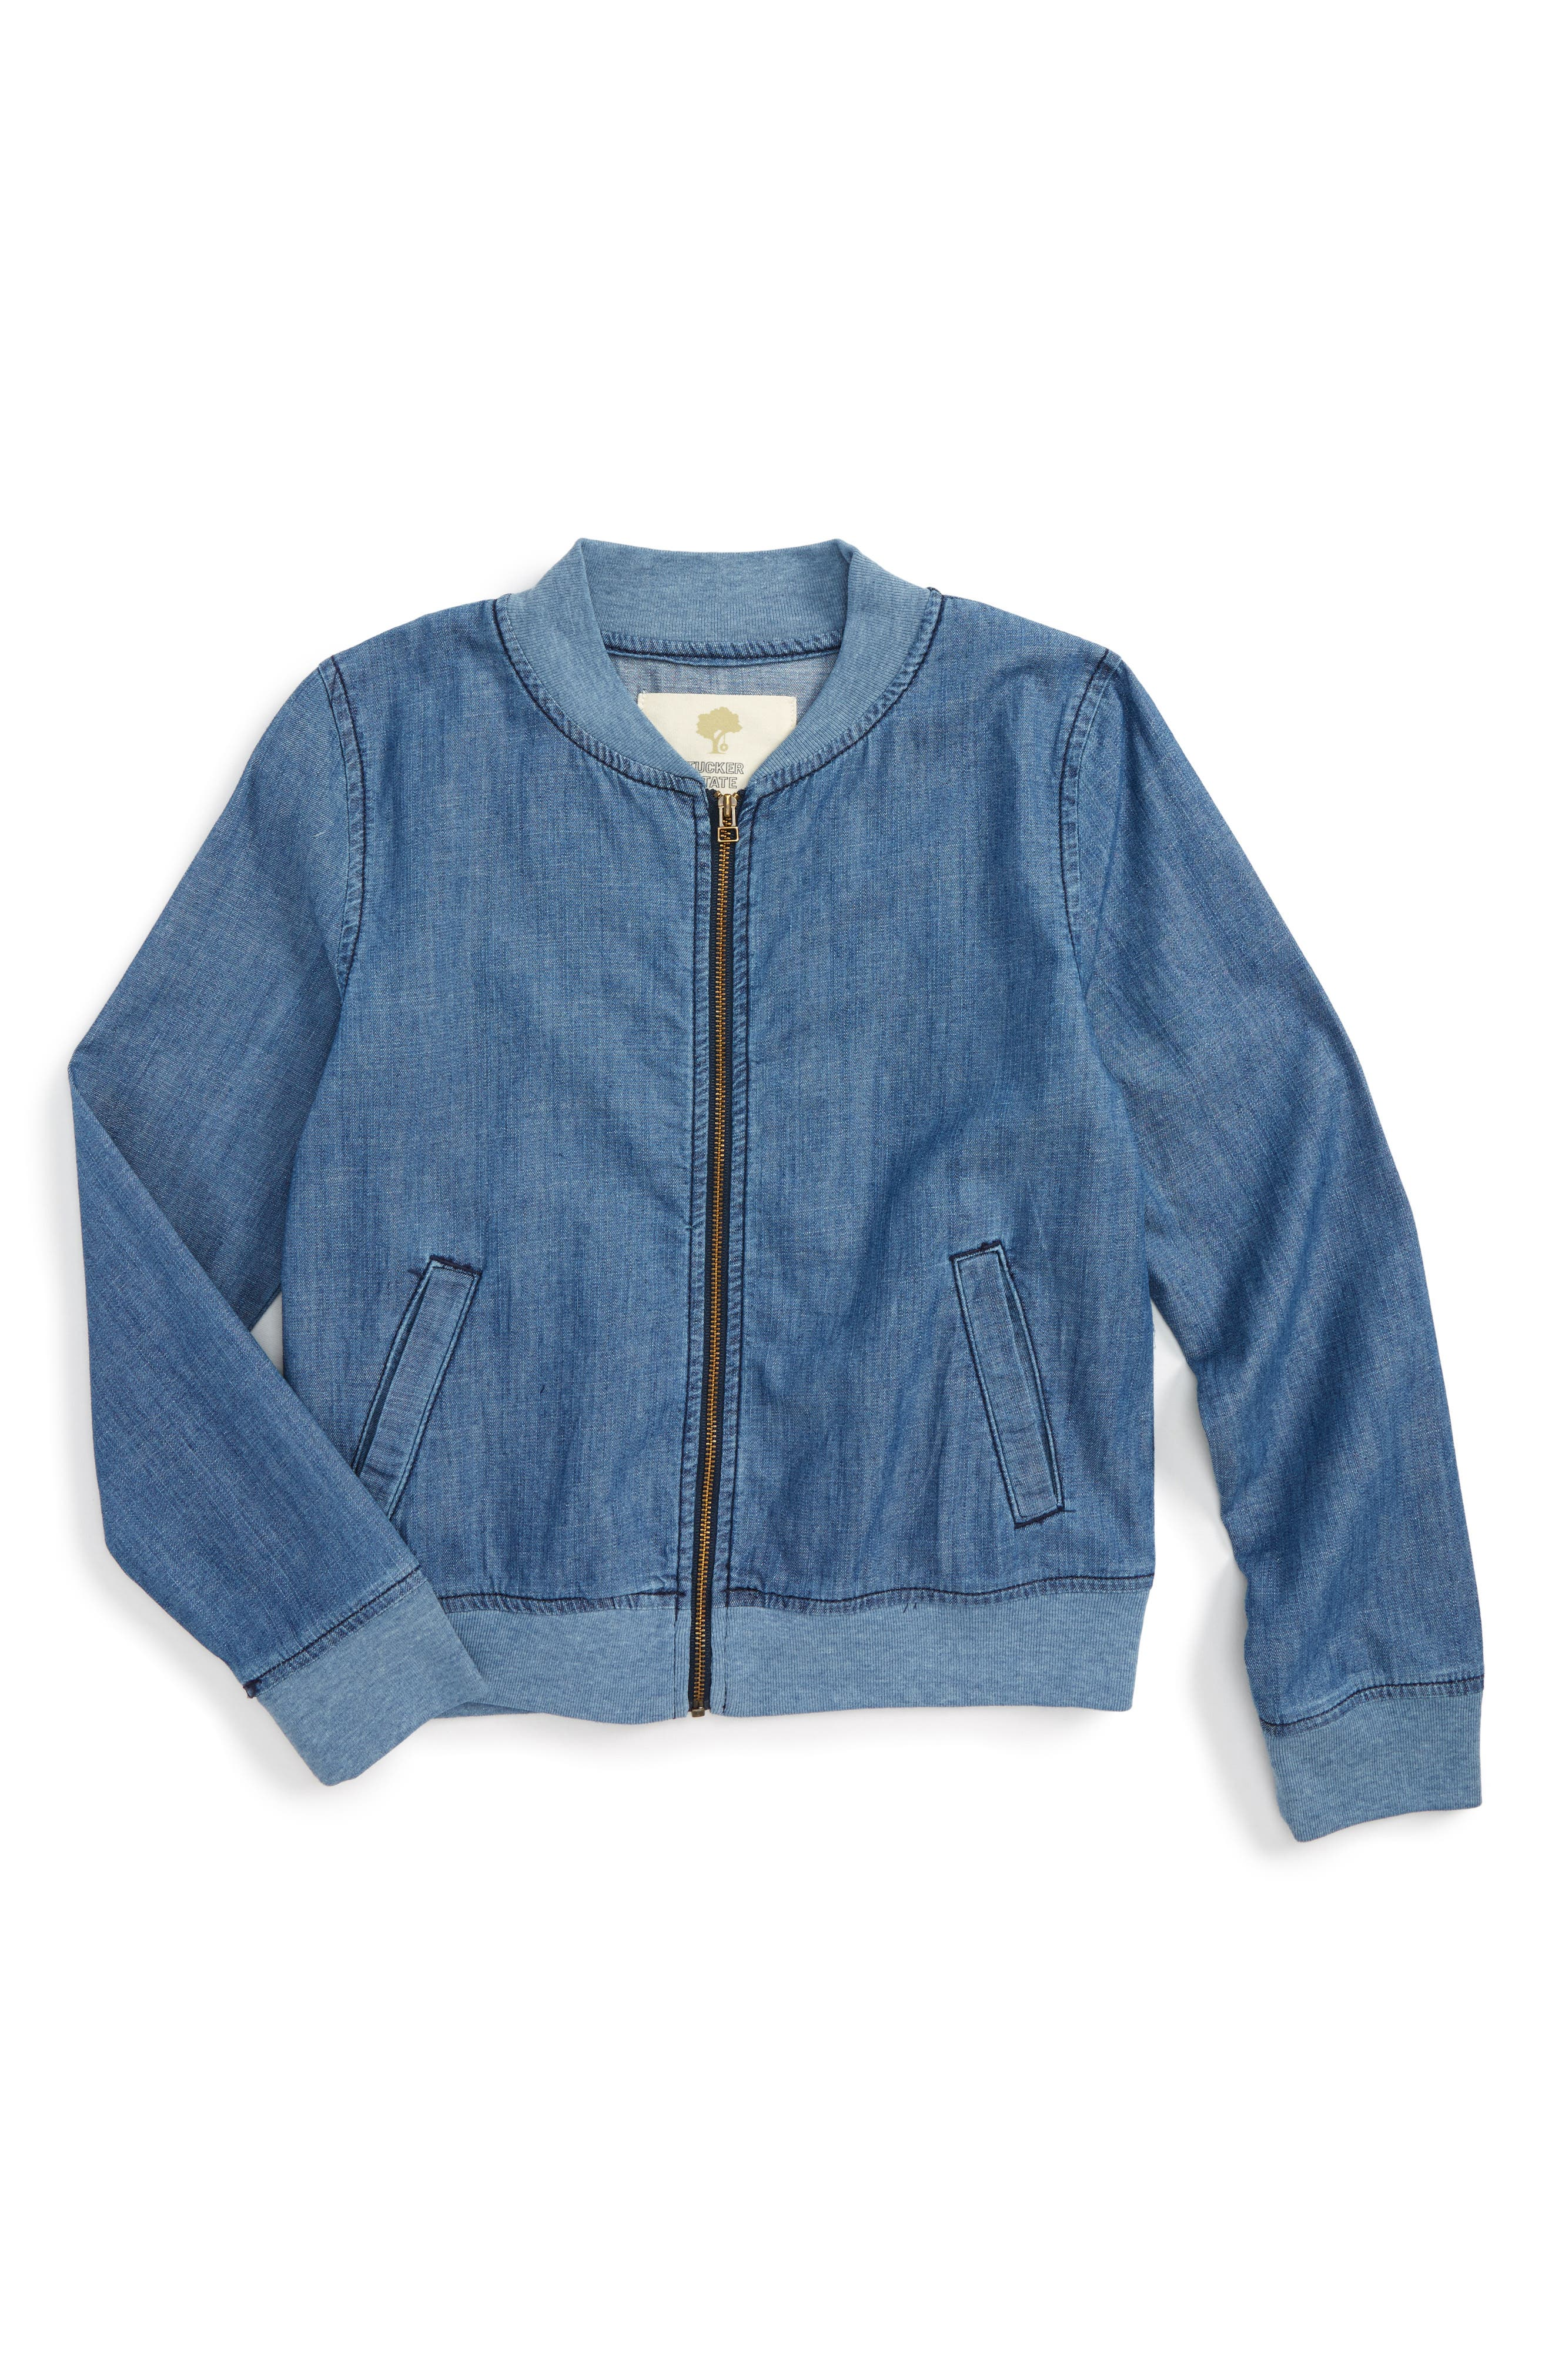 Denim Bomber Jacket,                         Main,                         color, Dusk Blue Wash